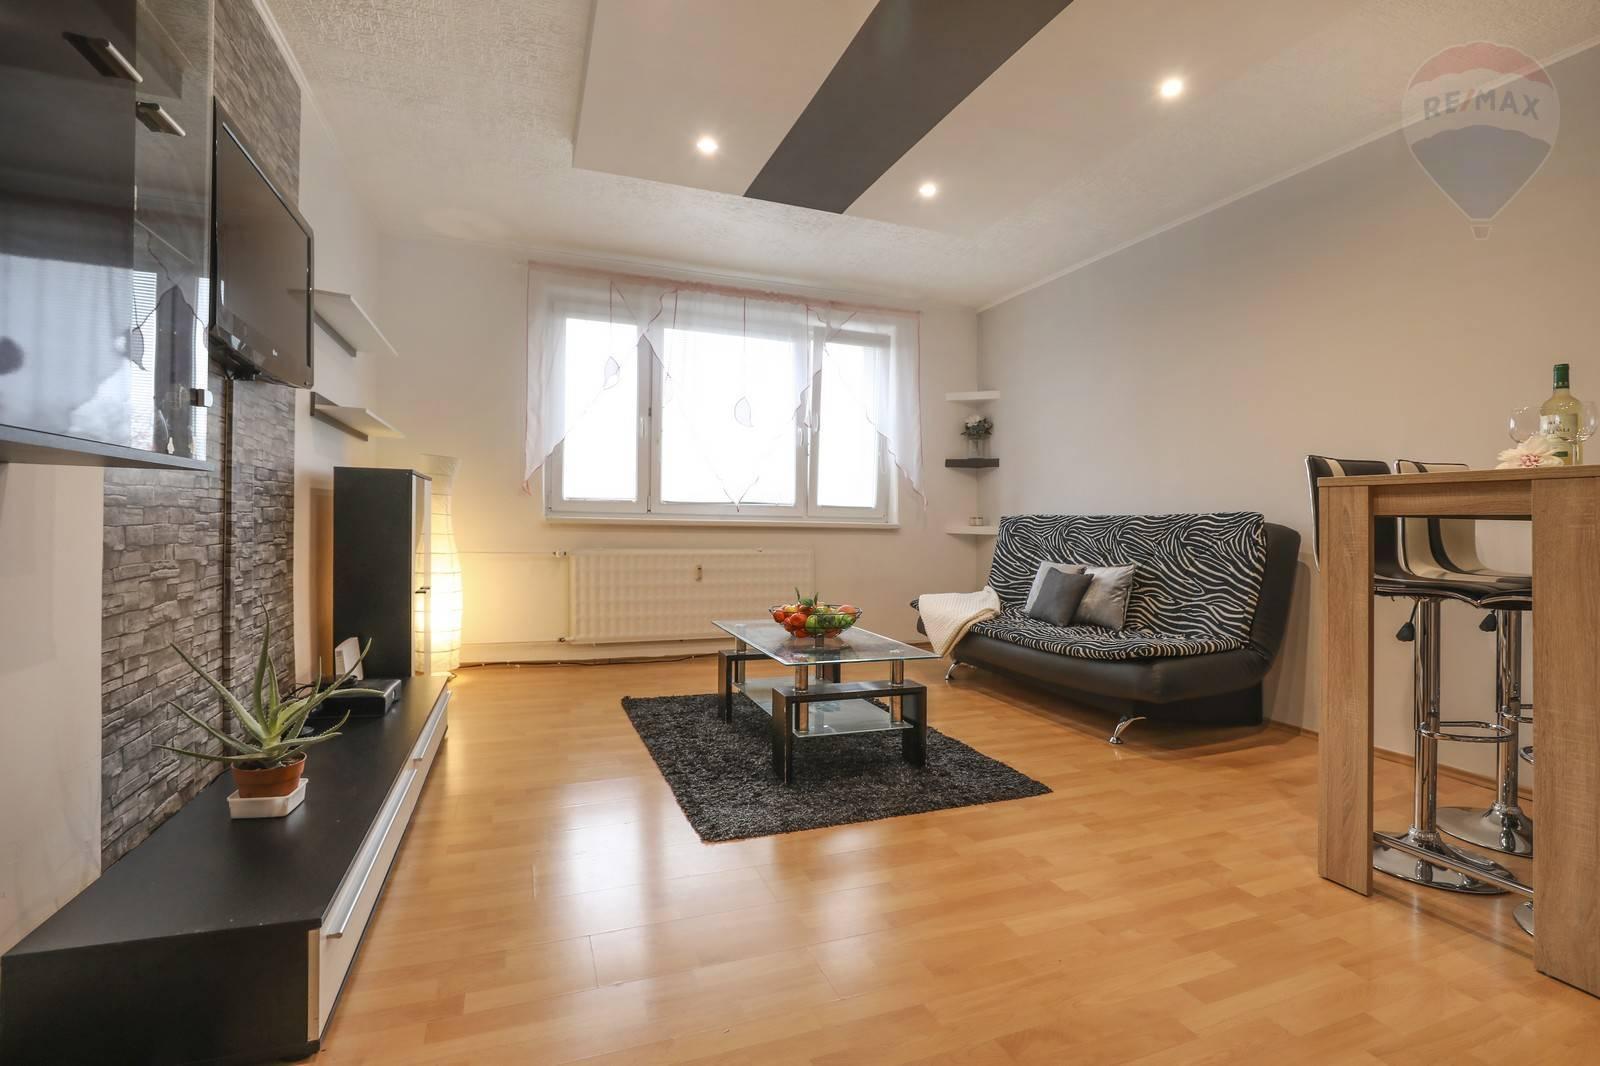 Predaj bytu (2 izbový) 71 m2, Šamorín - Na predaj 2_izbový byt Šamorín